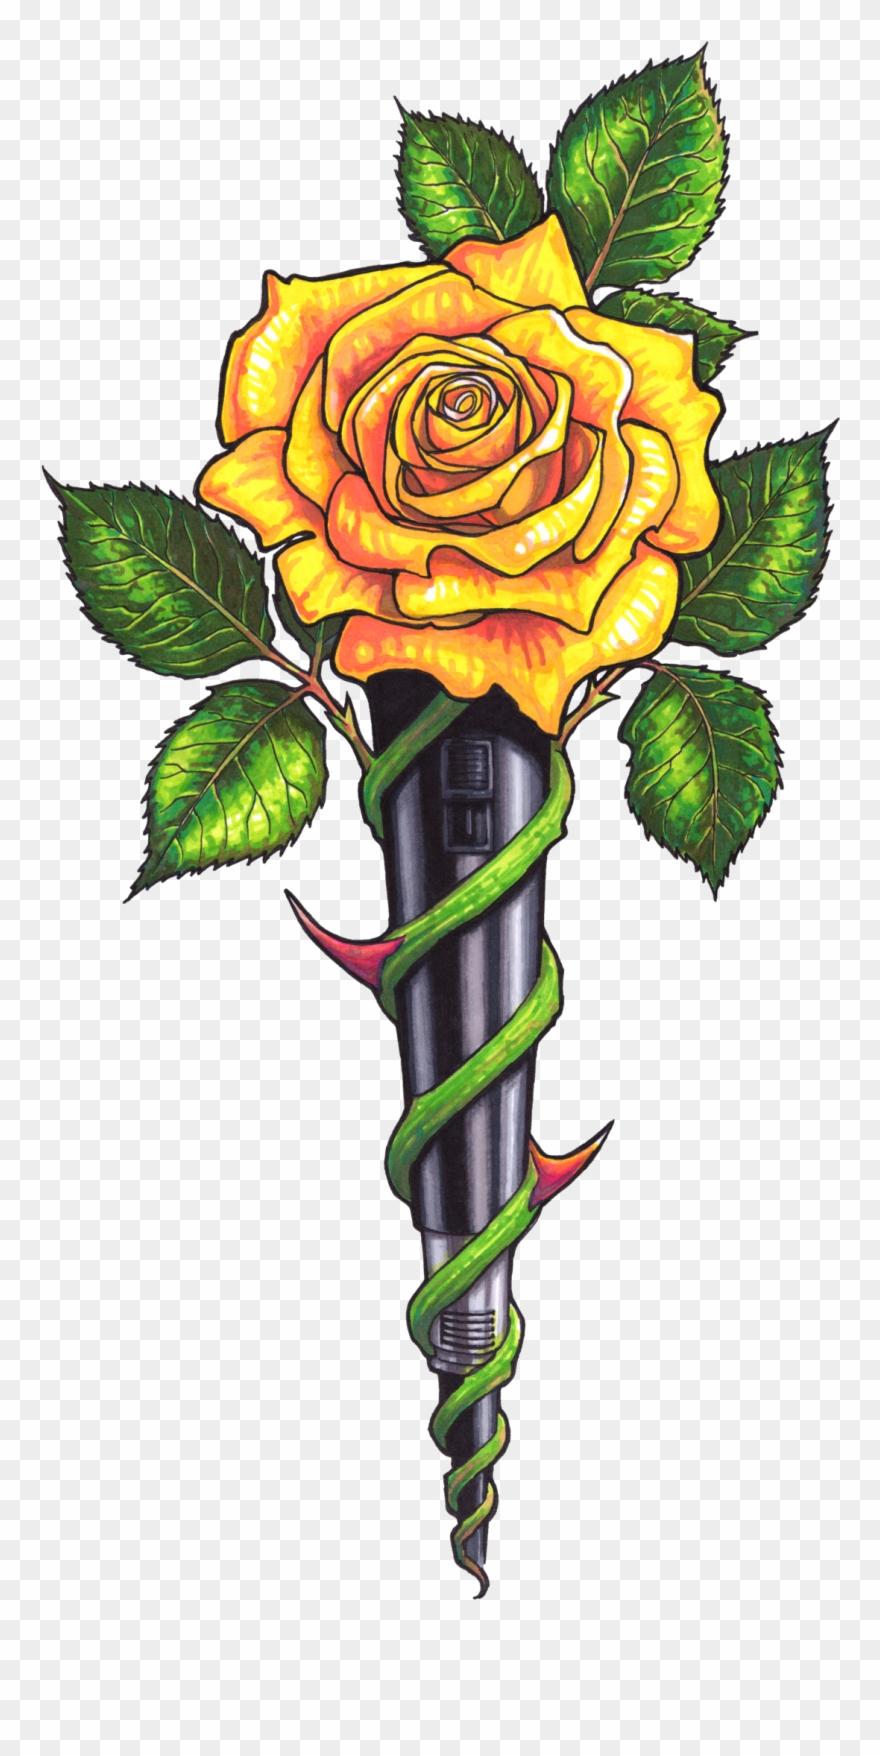 Yellow Rose Clipart Beautiful - Rose Cross Art - Png Download